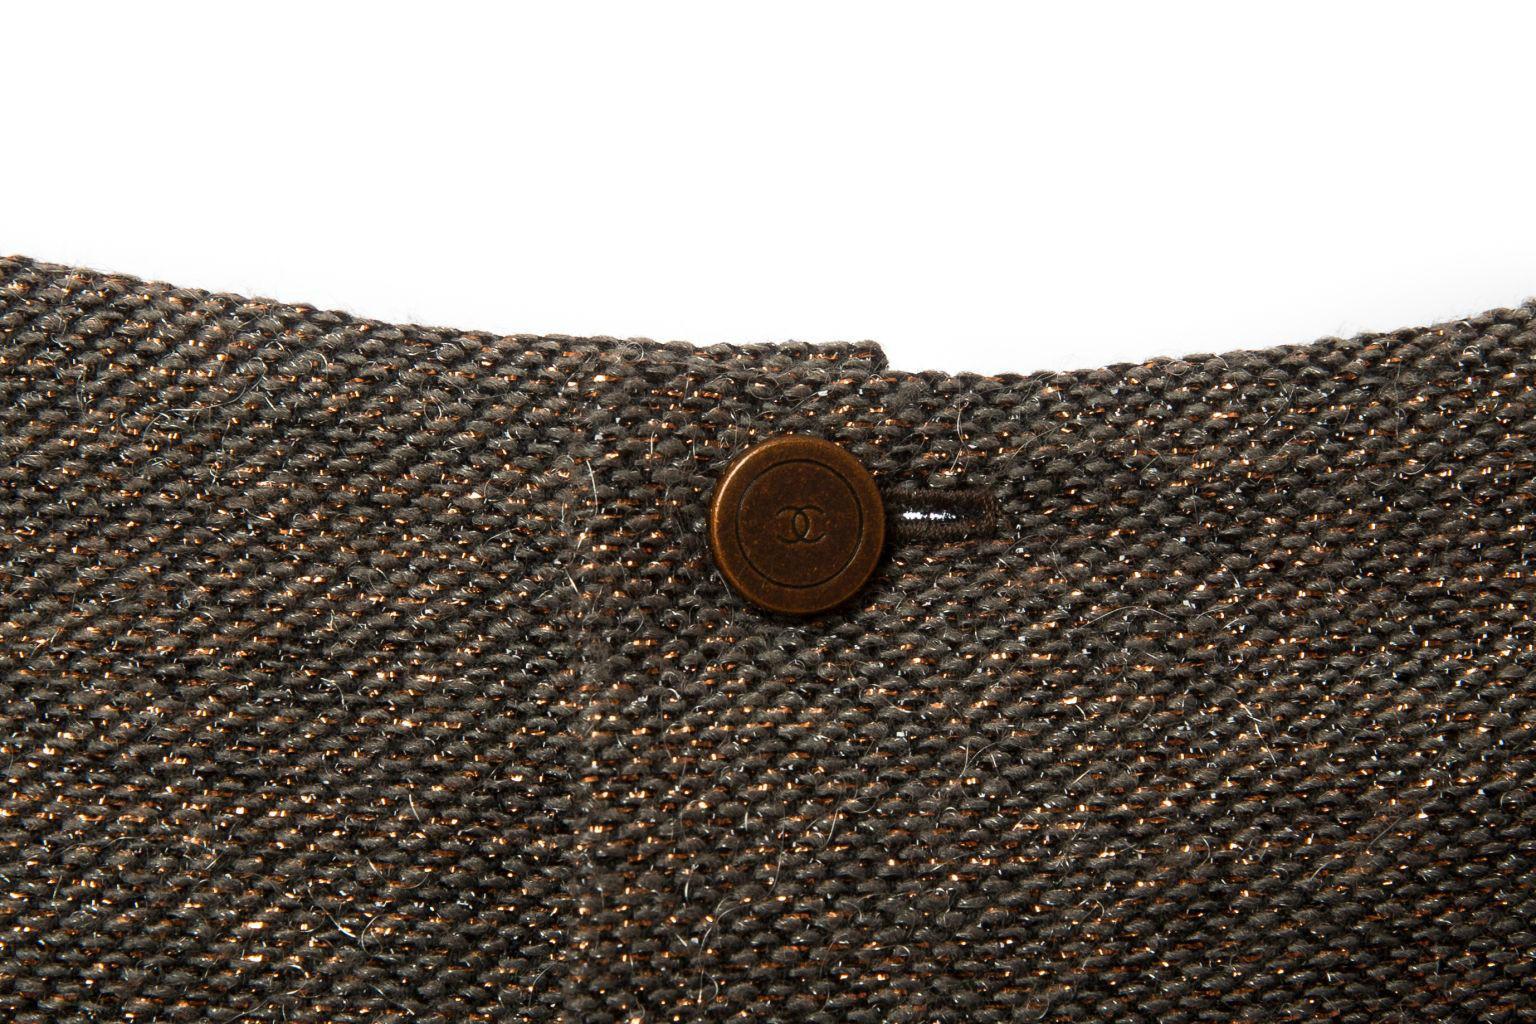 Роскошный твидовый топ расшитый пайетками от Chanel, 34 размер